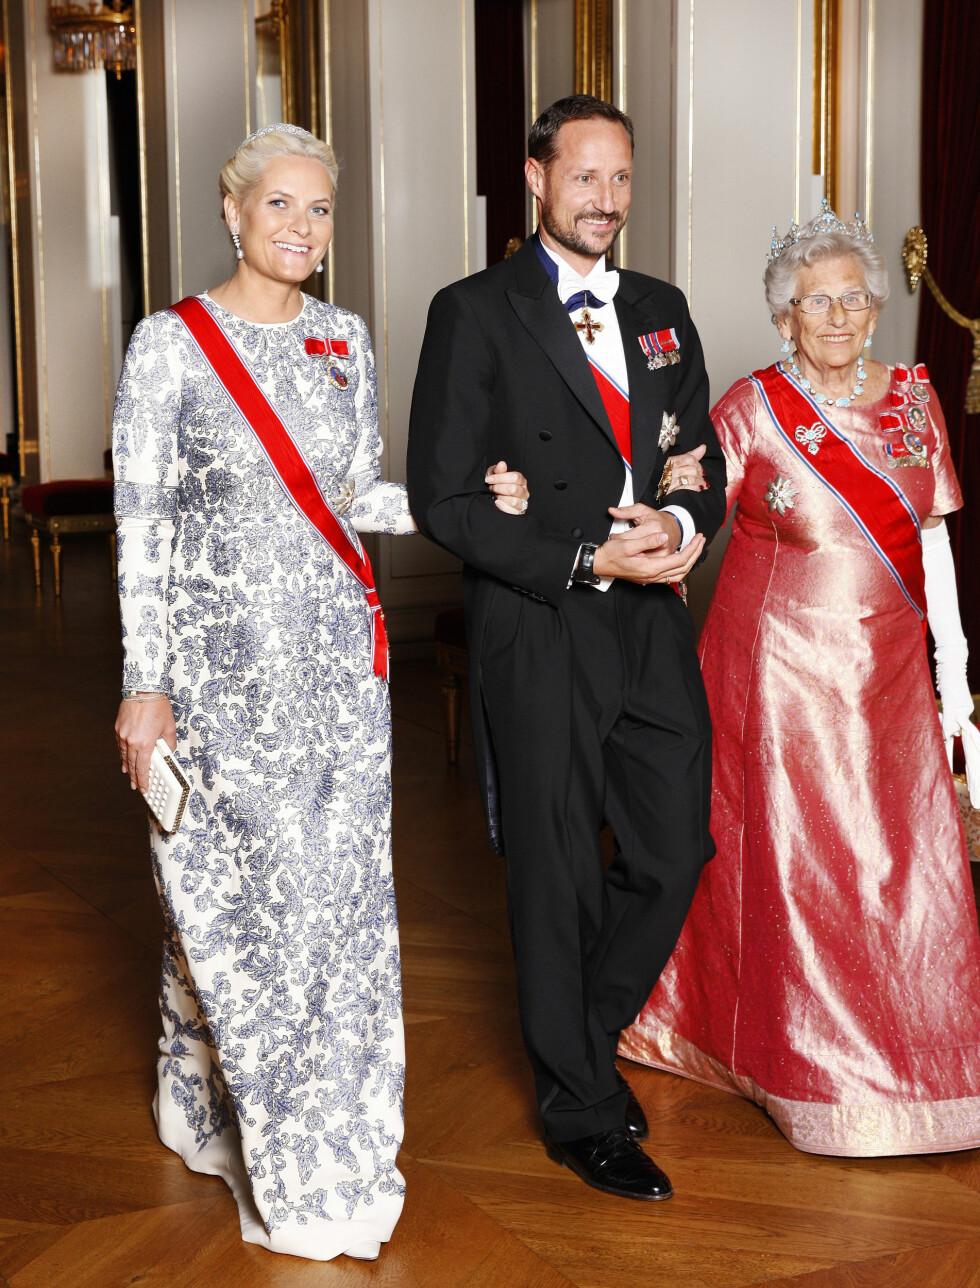 GLITRENDE: Kronprinsesse Mette-Marit var kledd i Valentino under fjorårets stortingmiddag og toppet det hele med sitt egent brudediadem. Her sammen med kronprins Haakon og prinsesse Astrid på vei inn til middagen.   Foto: Brimi